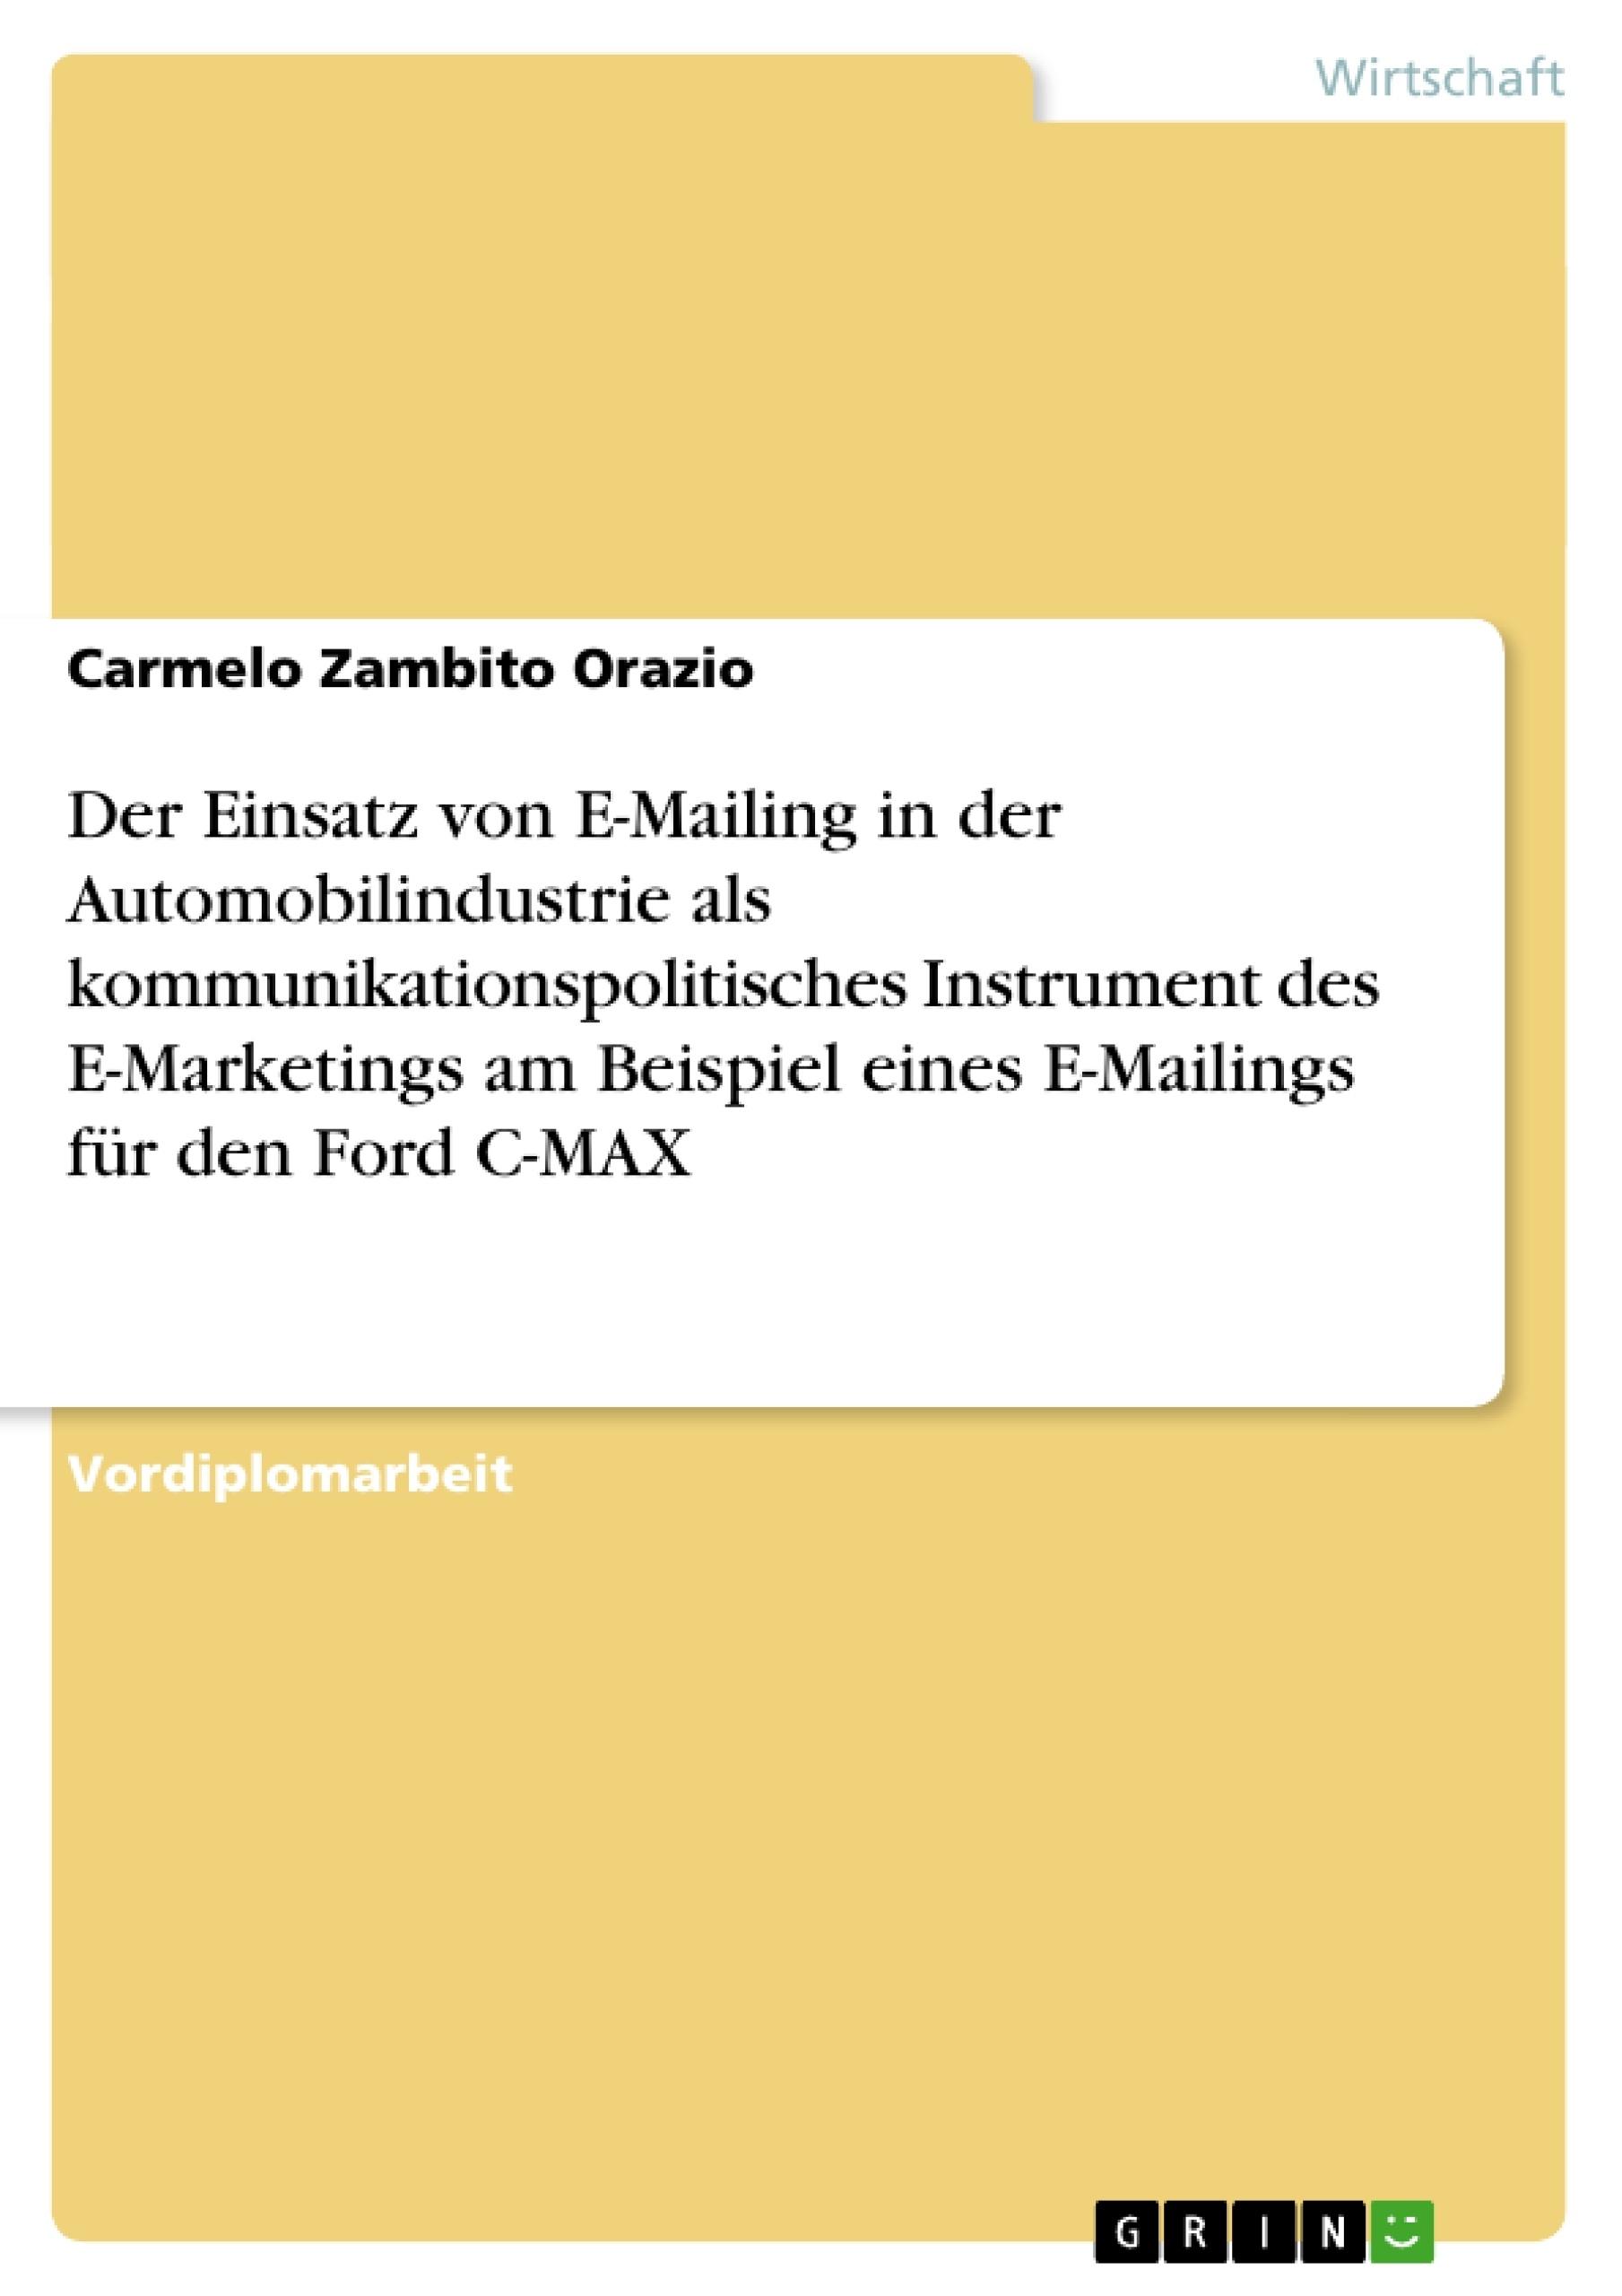 Titel: Der Einsatz von E-Mailing in der Automobilindustrie als kommunikationspolitisches Instrument des E-Marketings am Beispiel eines E-Mailings für den Ford C-MAX